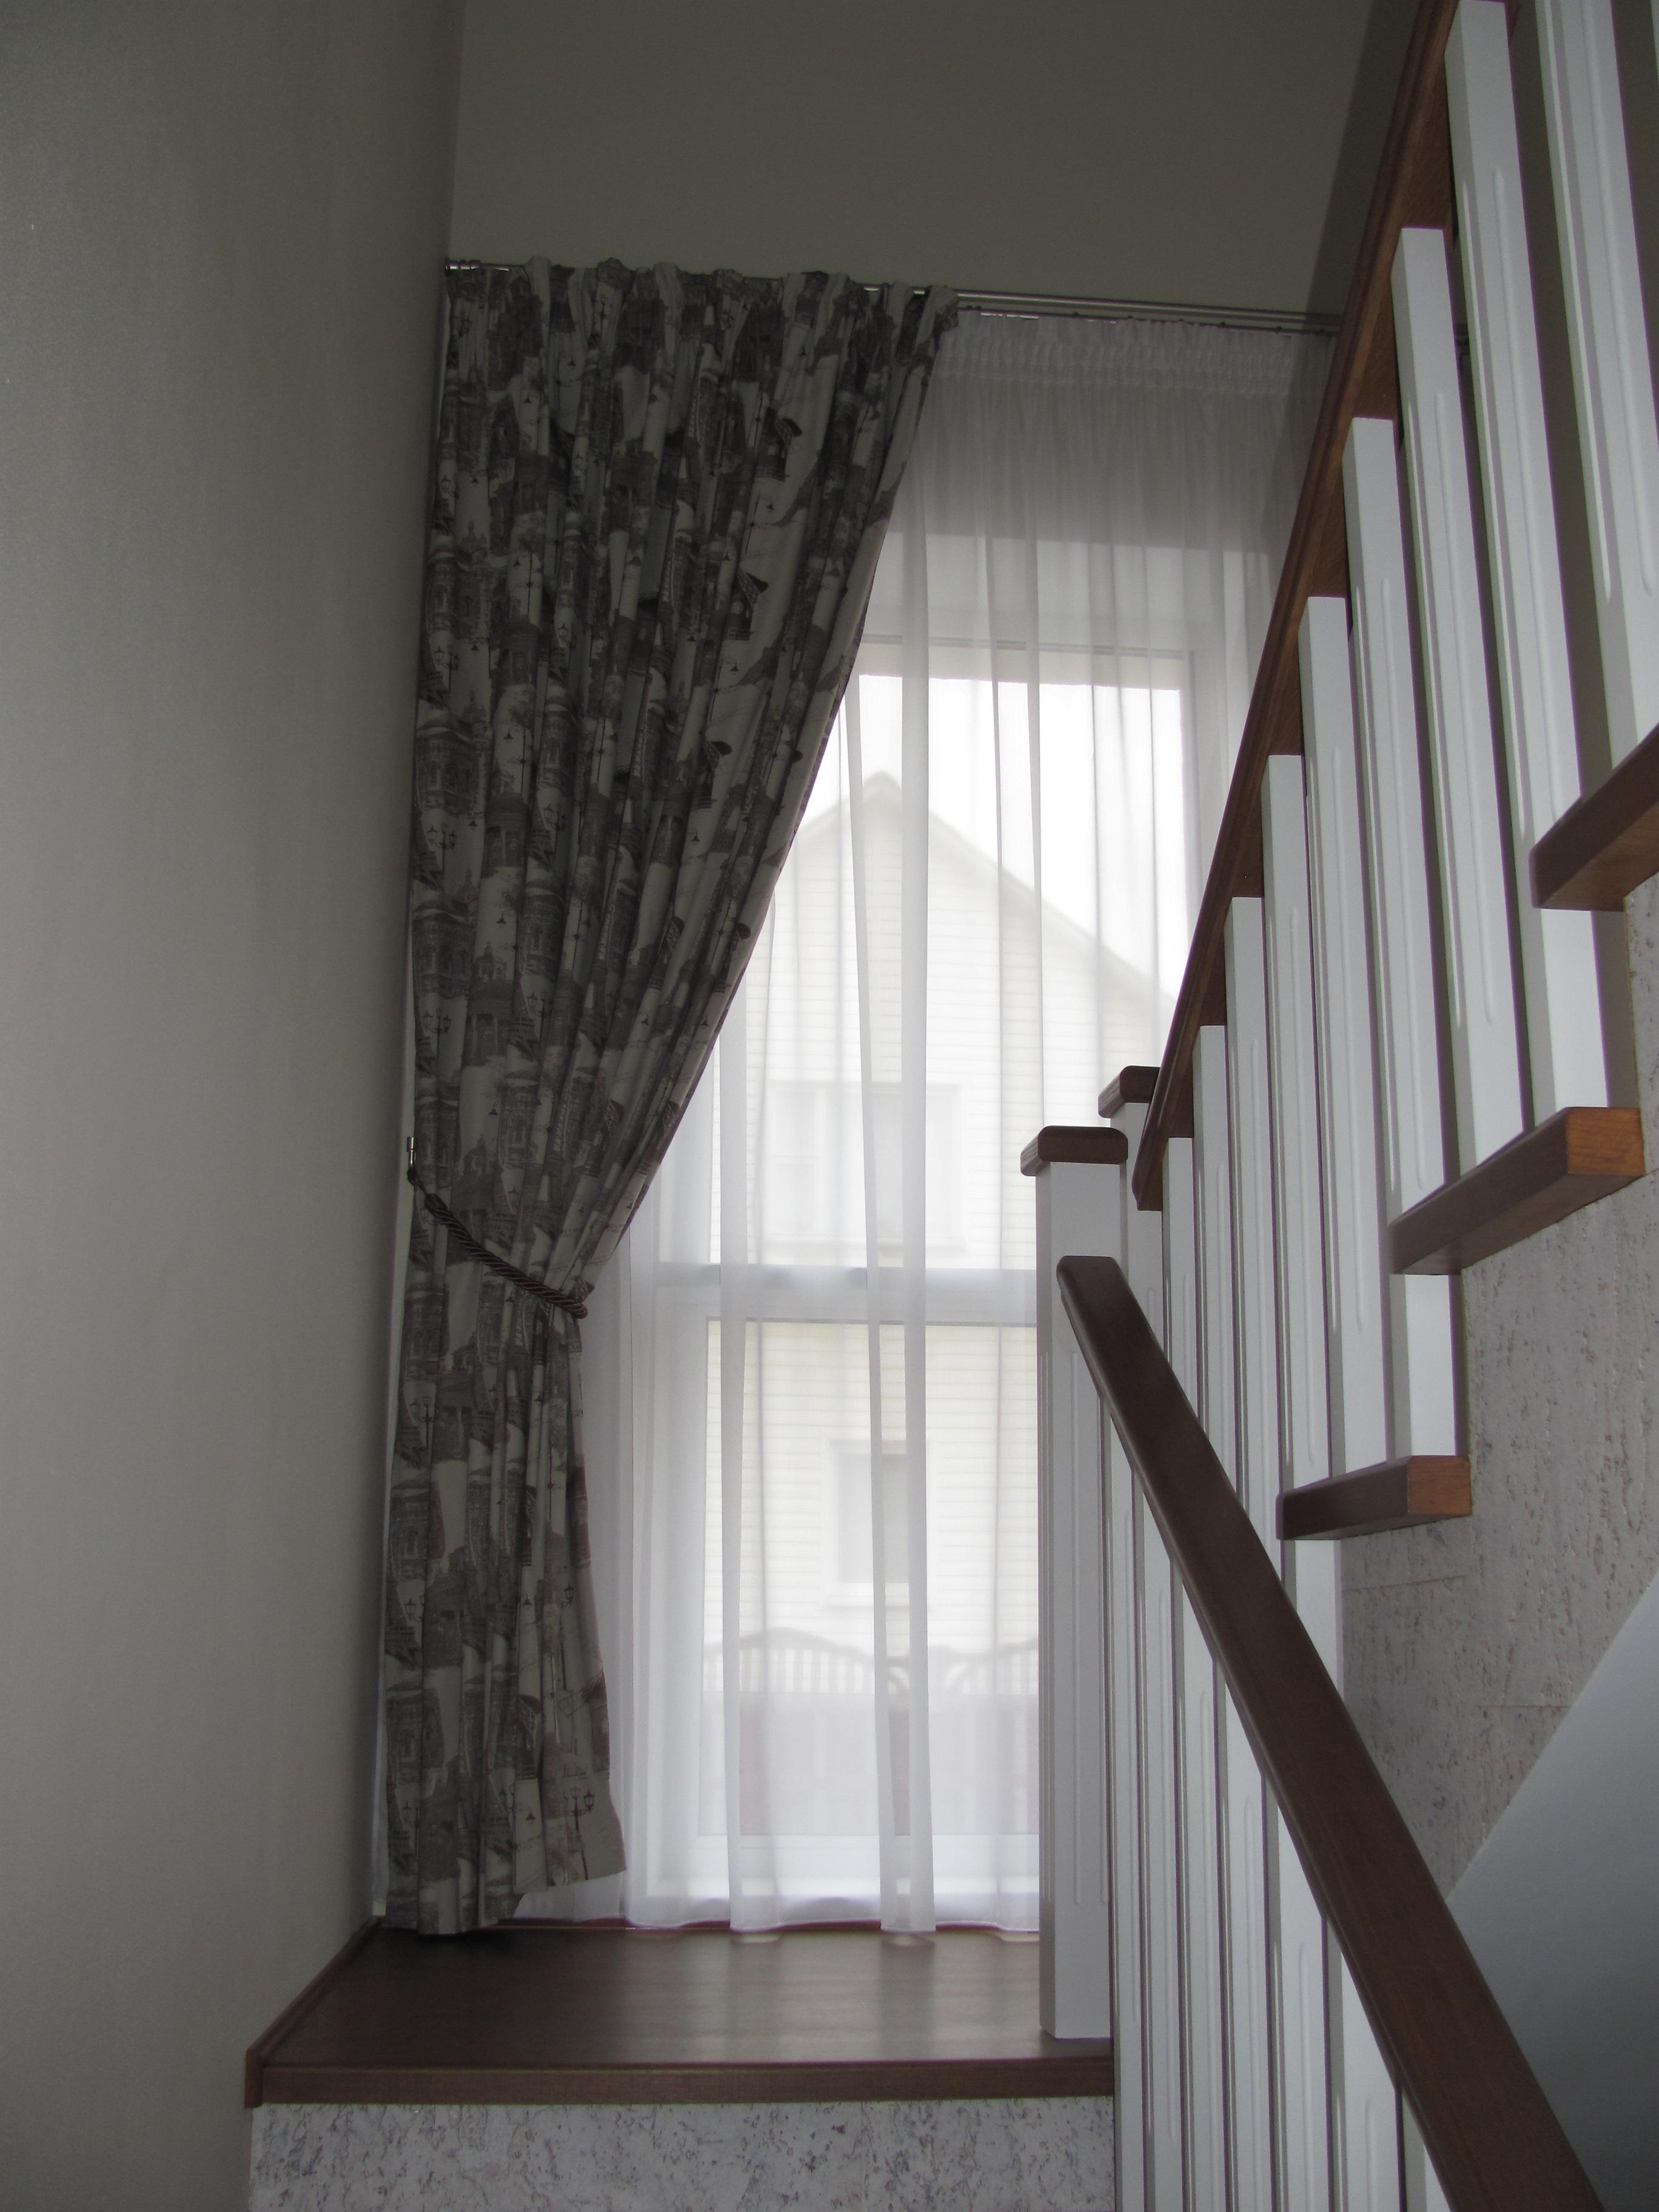 Шторы на лестничном окне фото